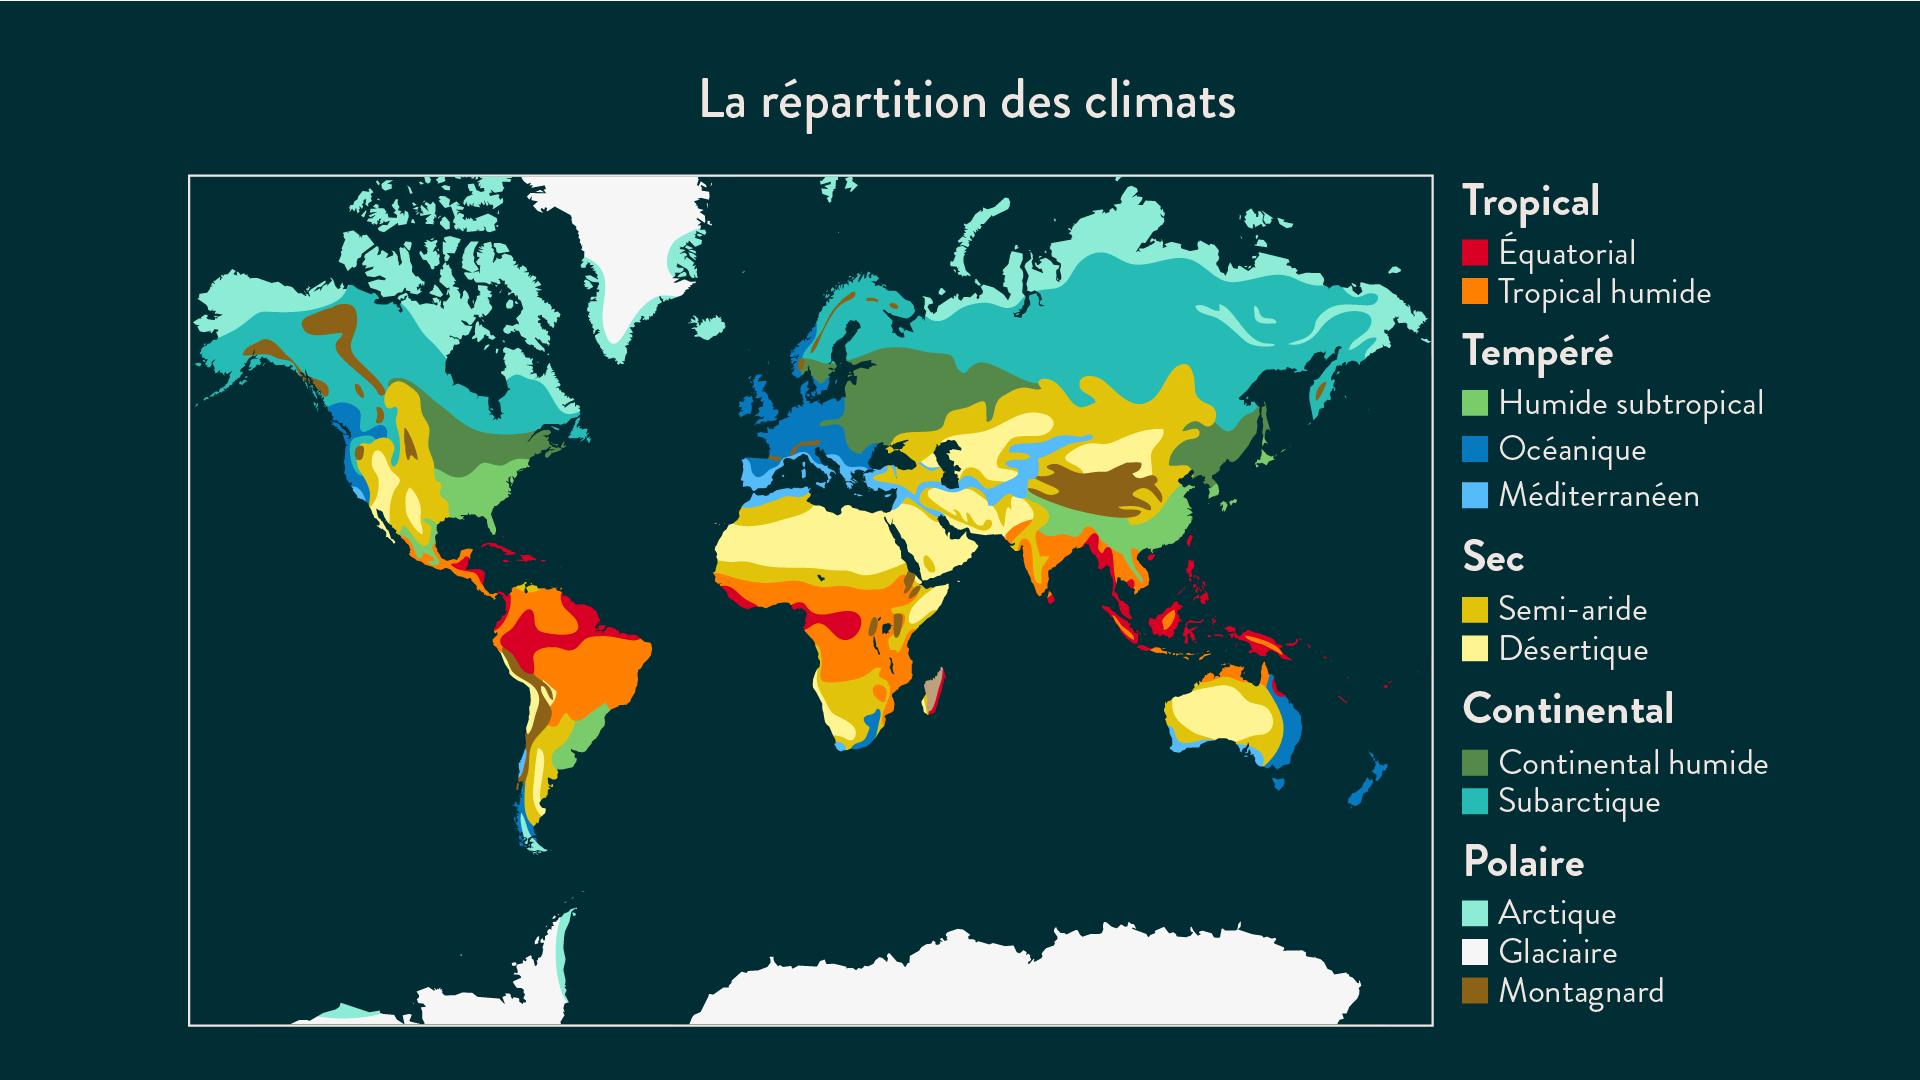 La répartition des climats